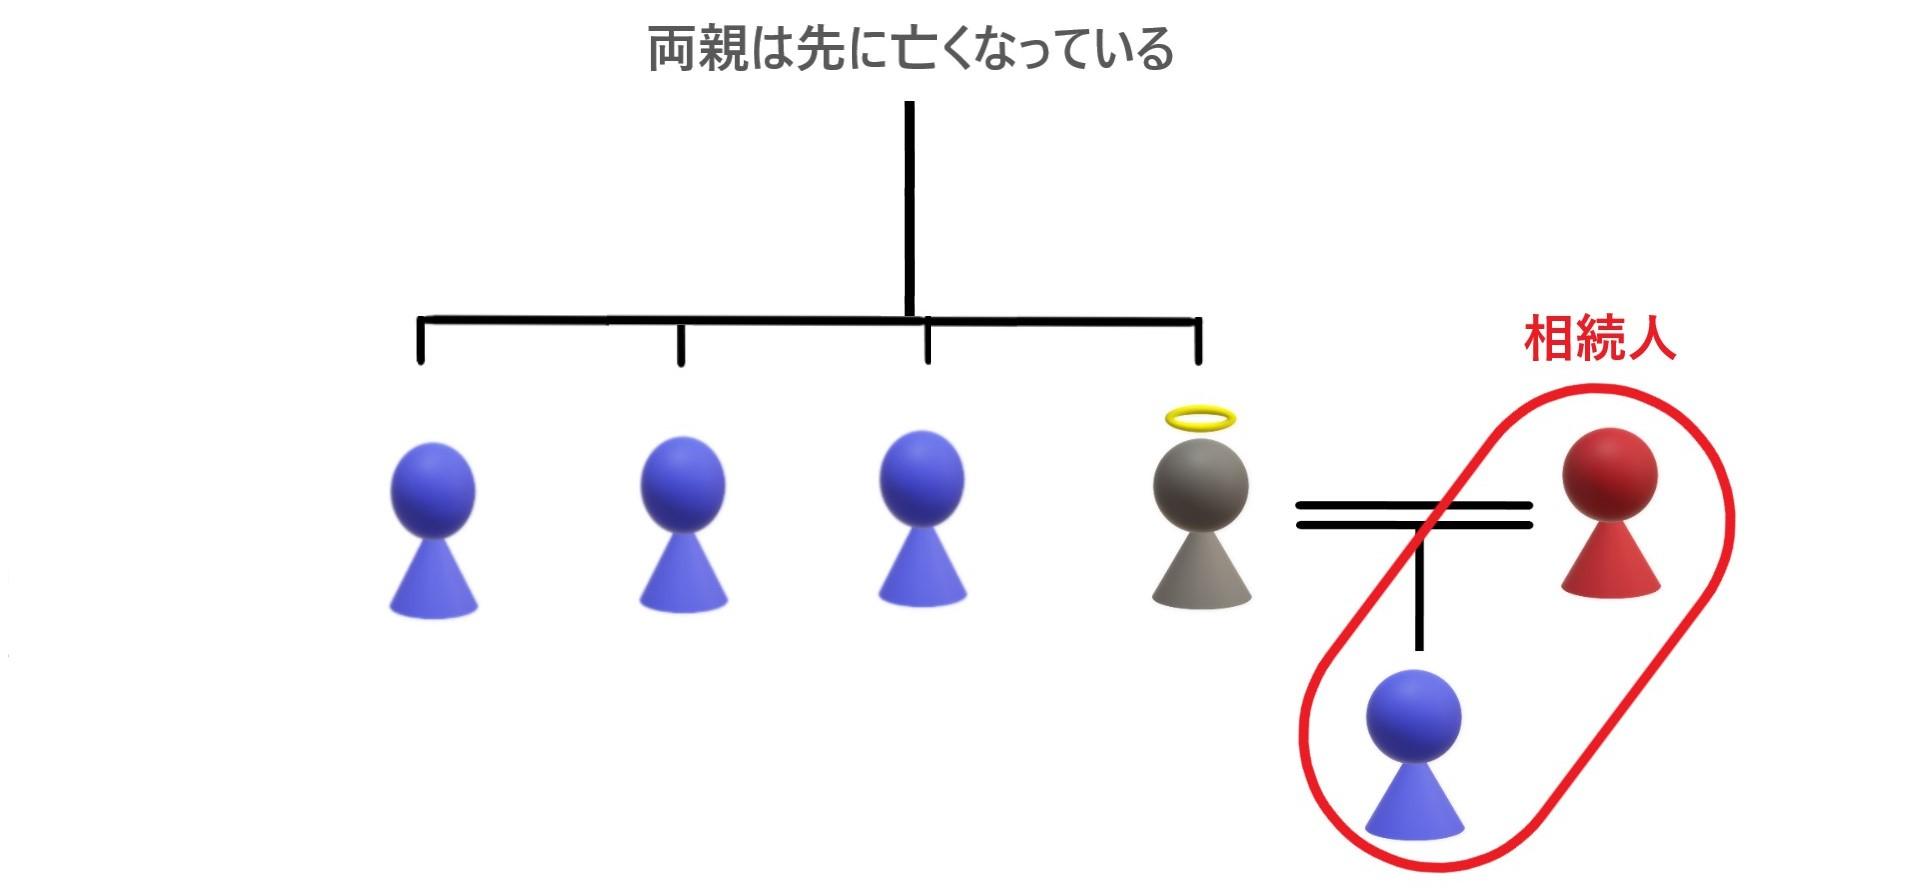 第一順位が相続放棄せず相続するときの相続関係説明図